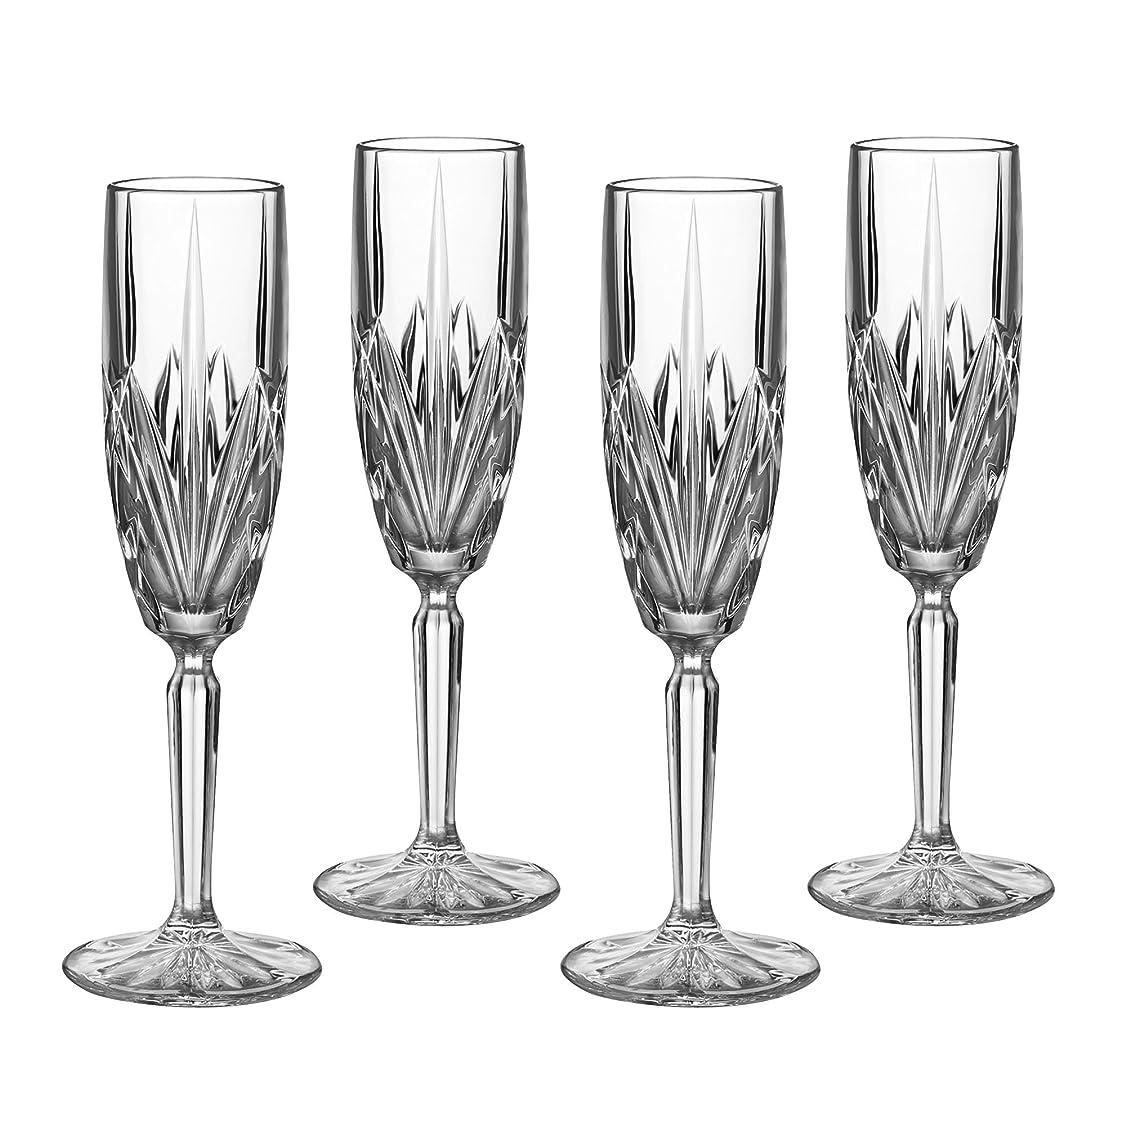 失礼添加意志Marquis by Waterford Brookside 6-Ounce Champagne Flutes, Set of 4 by Marquis By Waterford